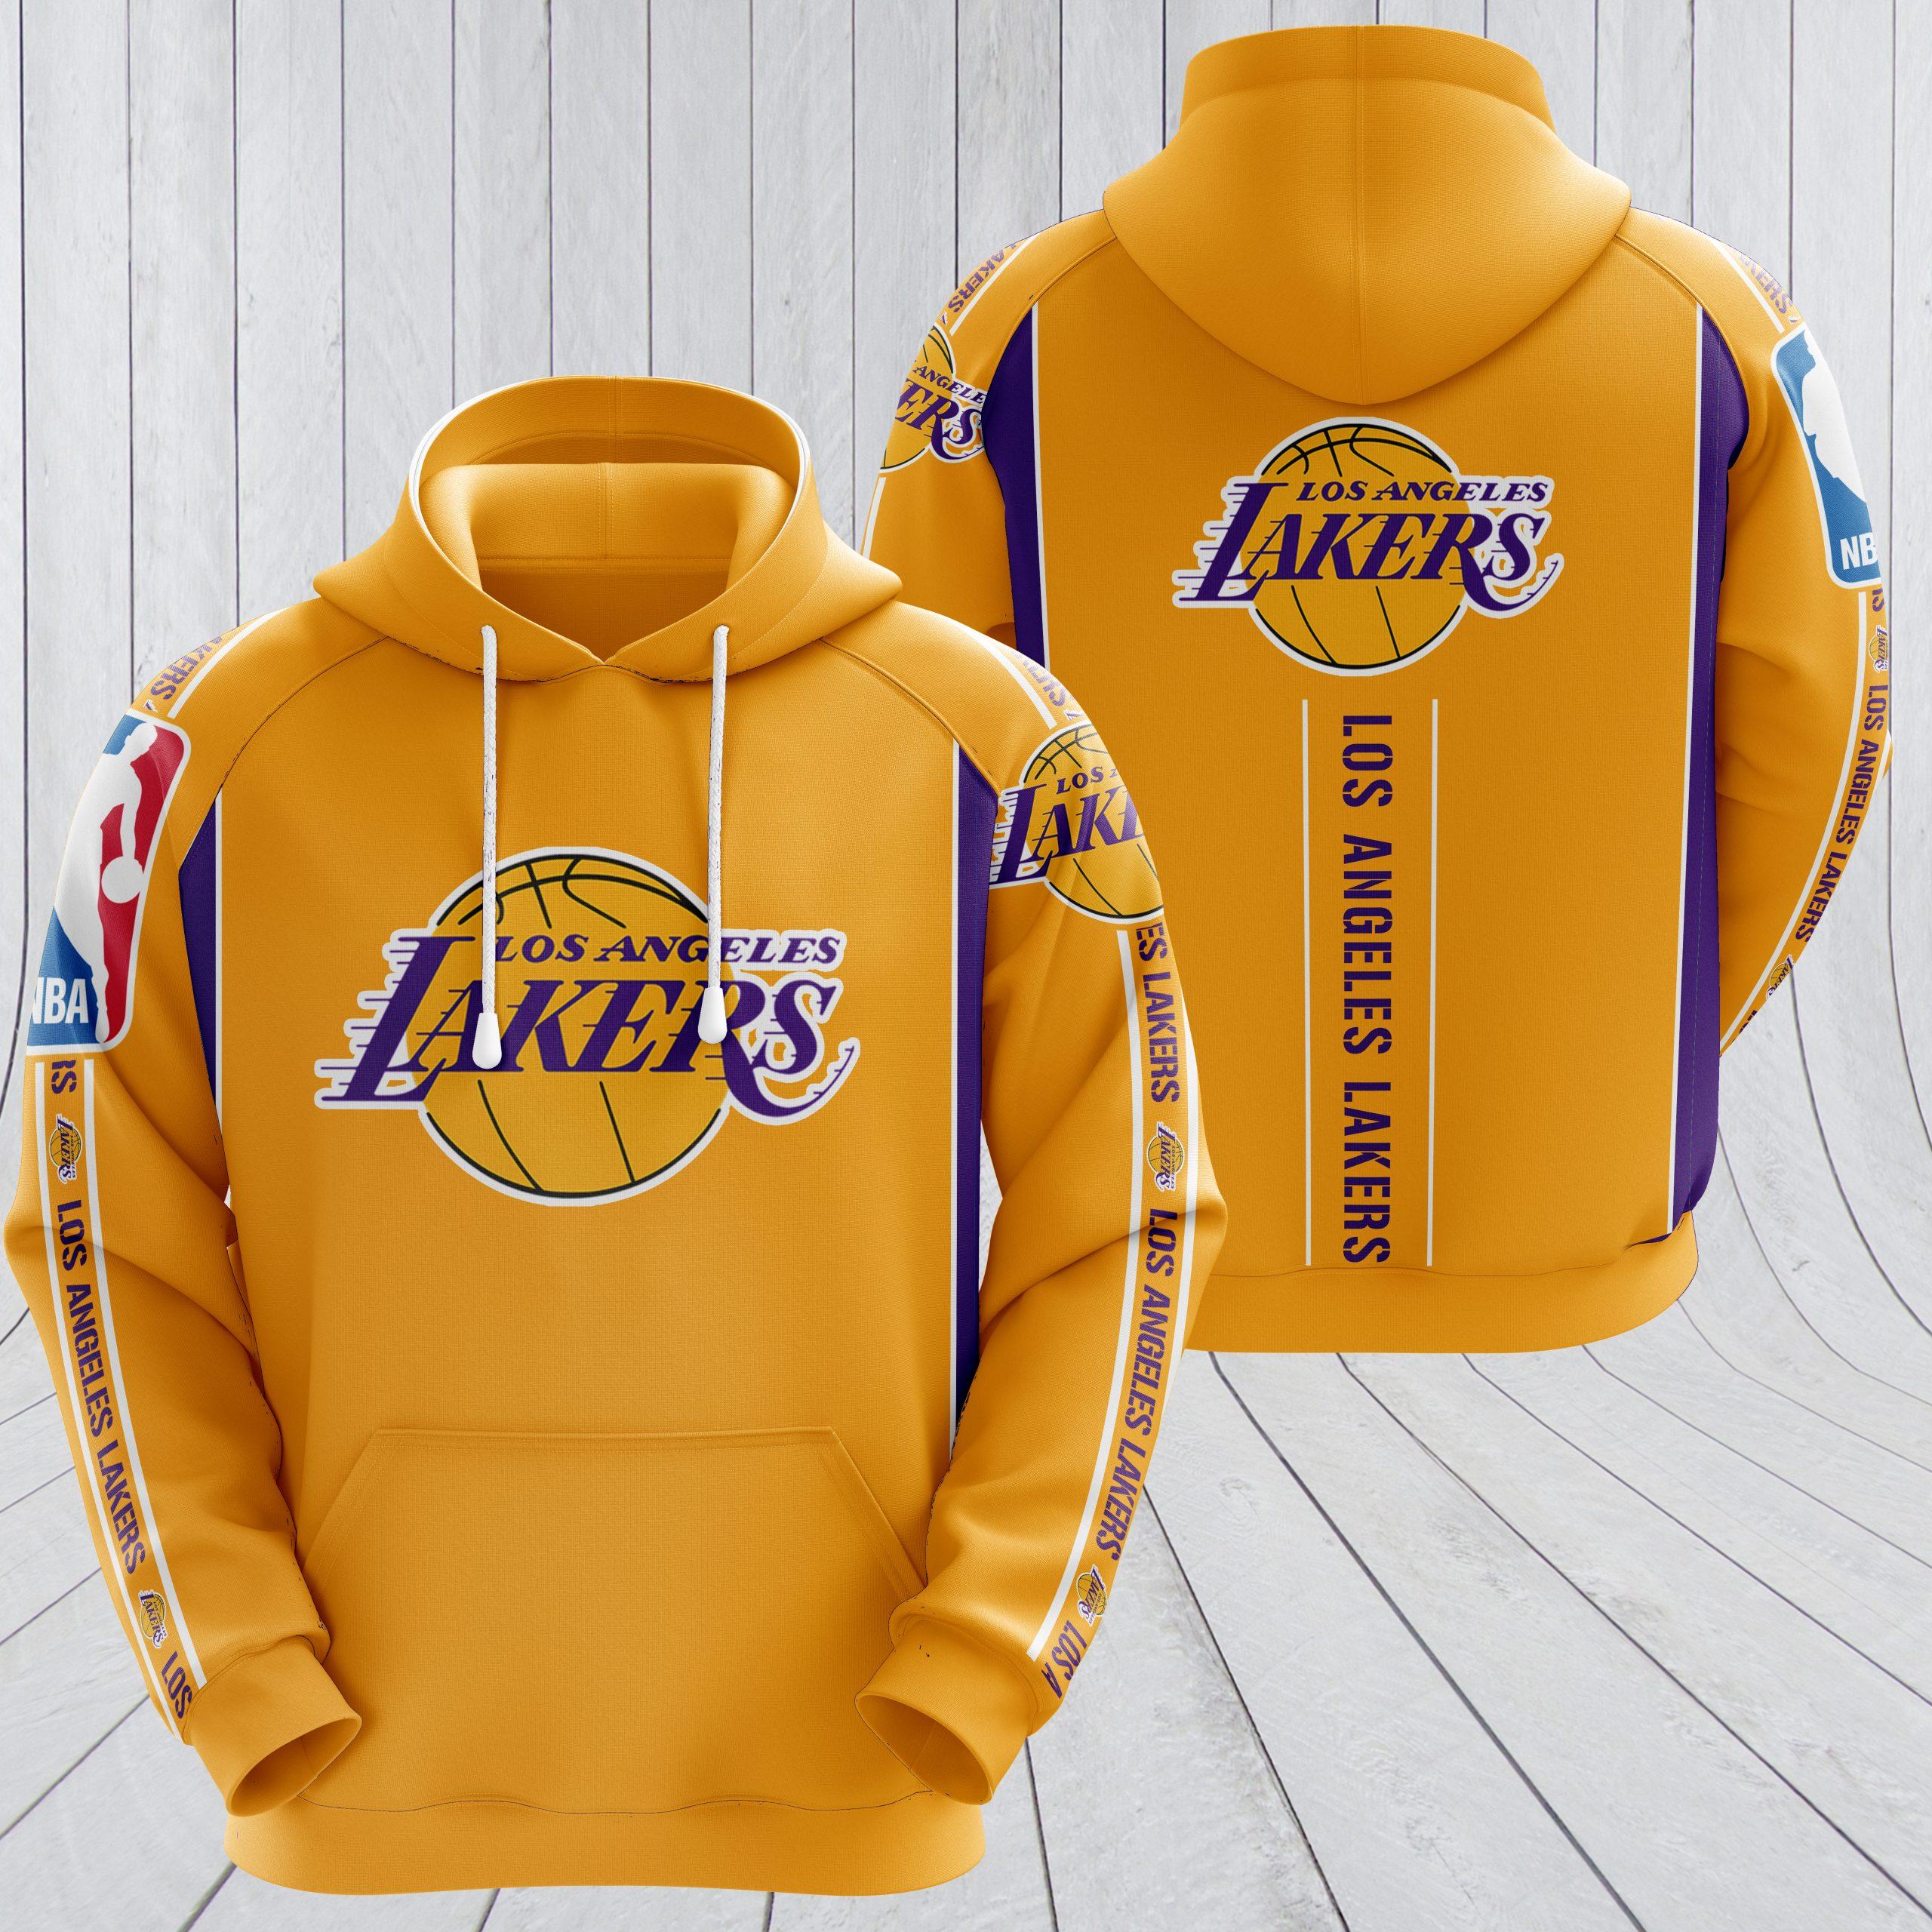 NBA los angeles lakers full printing hoodie - yellow 1